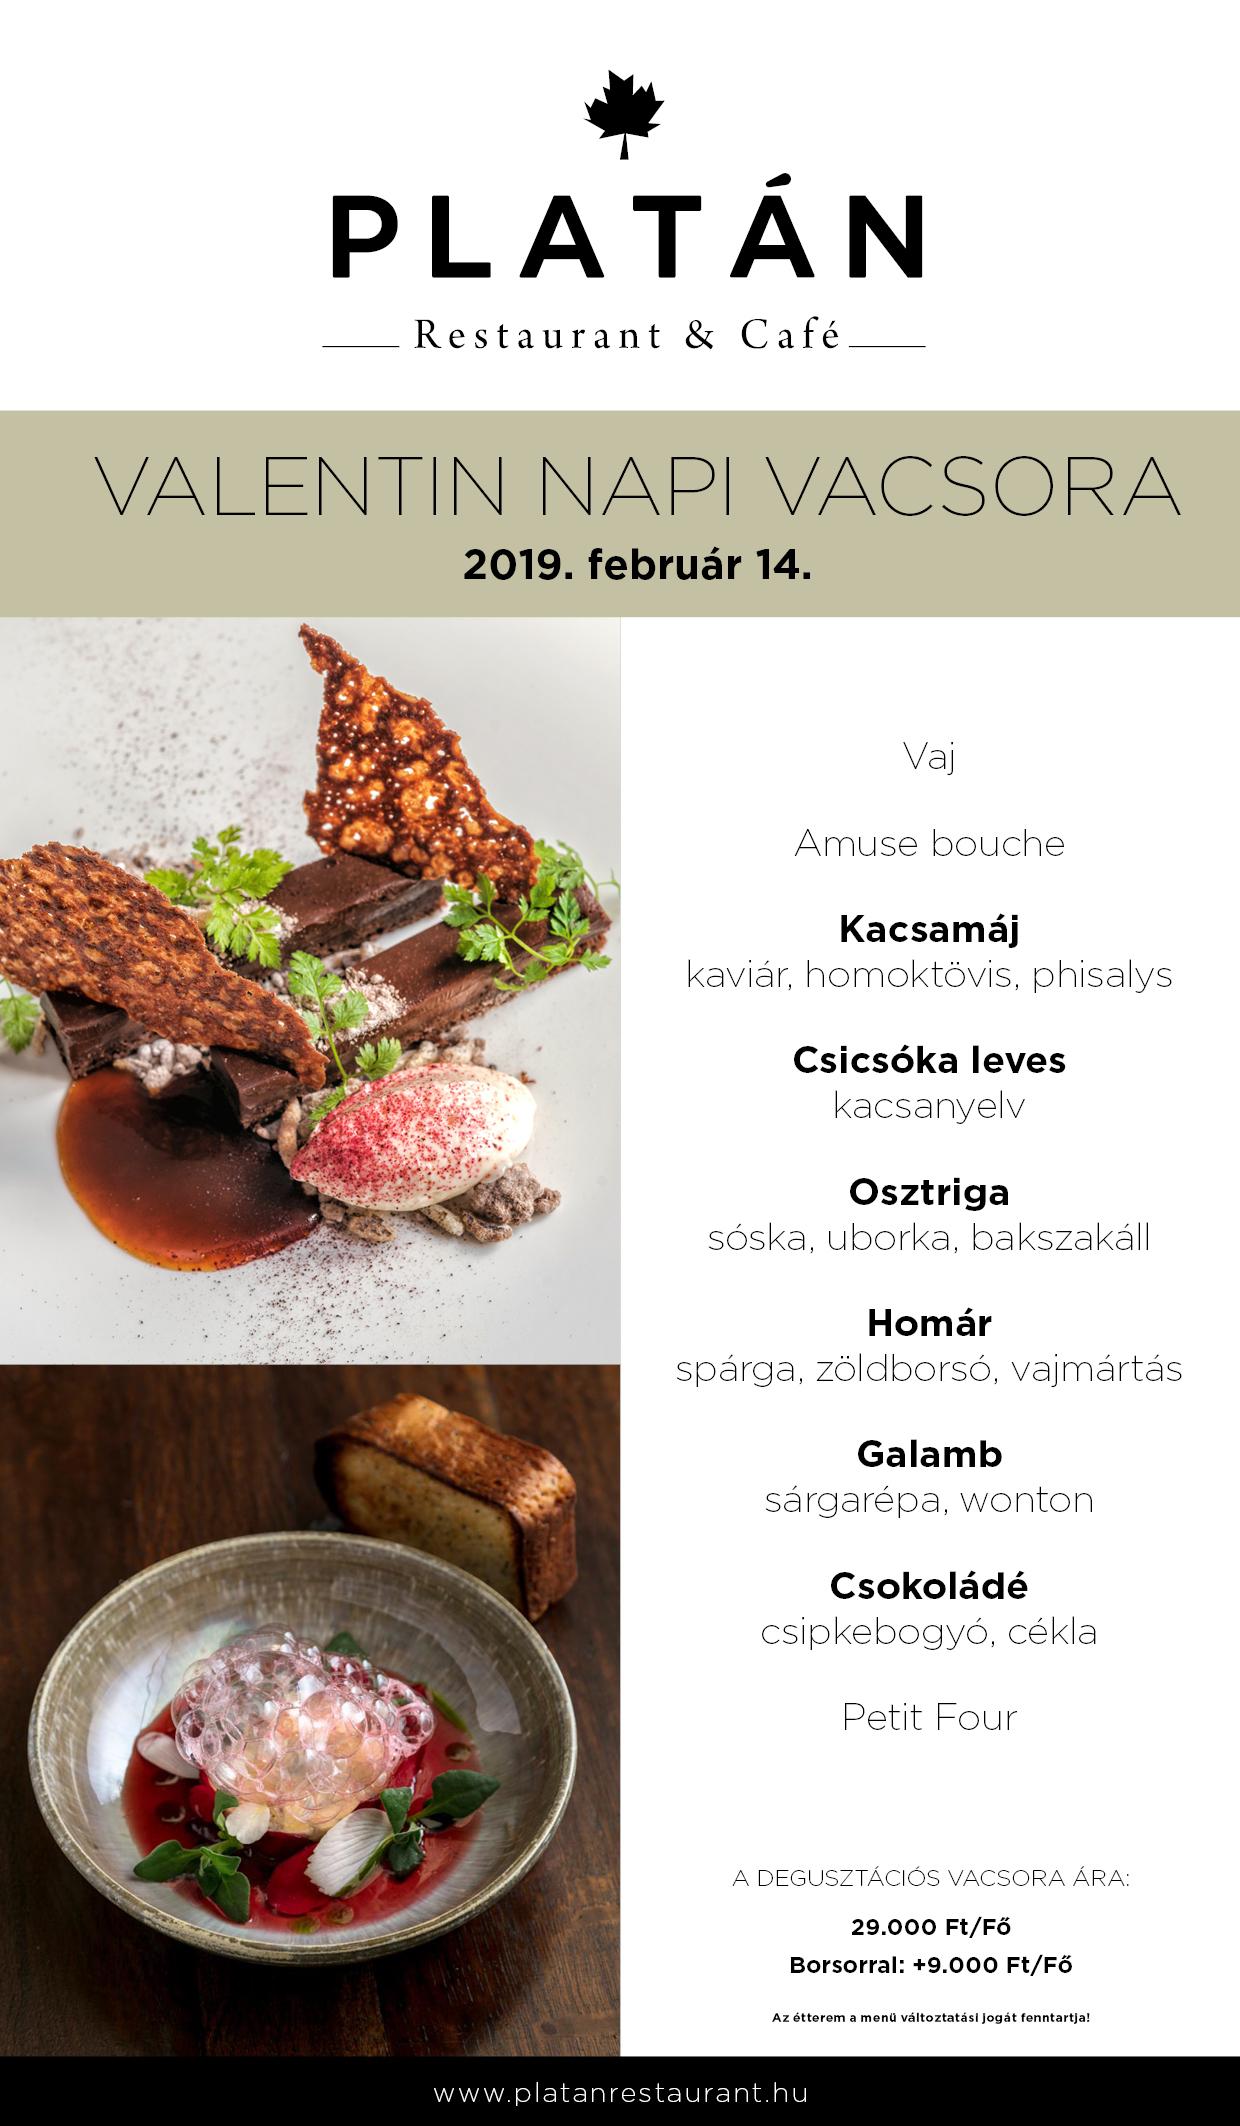 platan_valentin_menucard_002.jpg